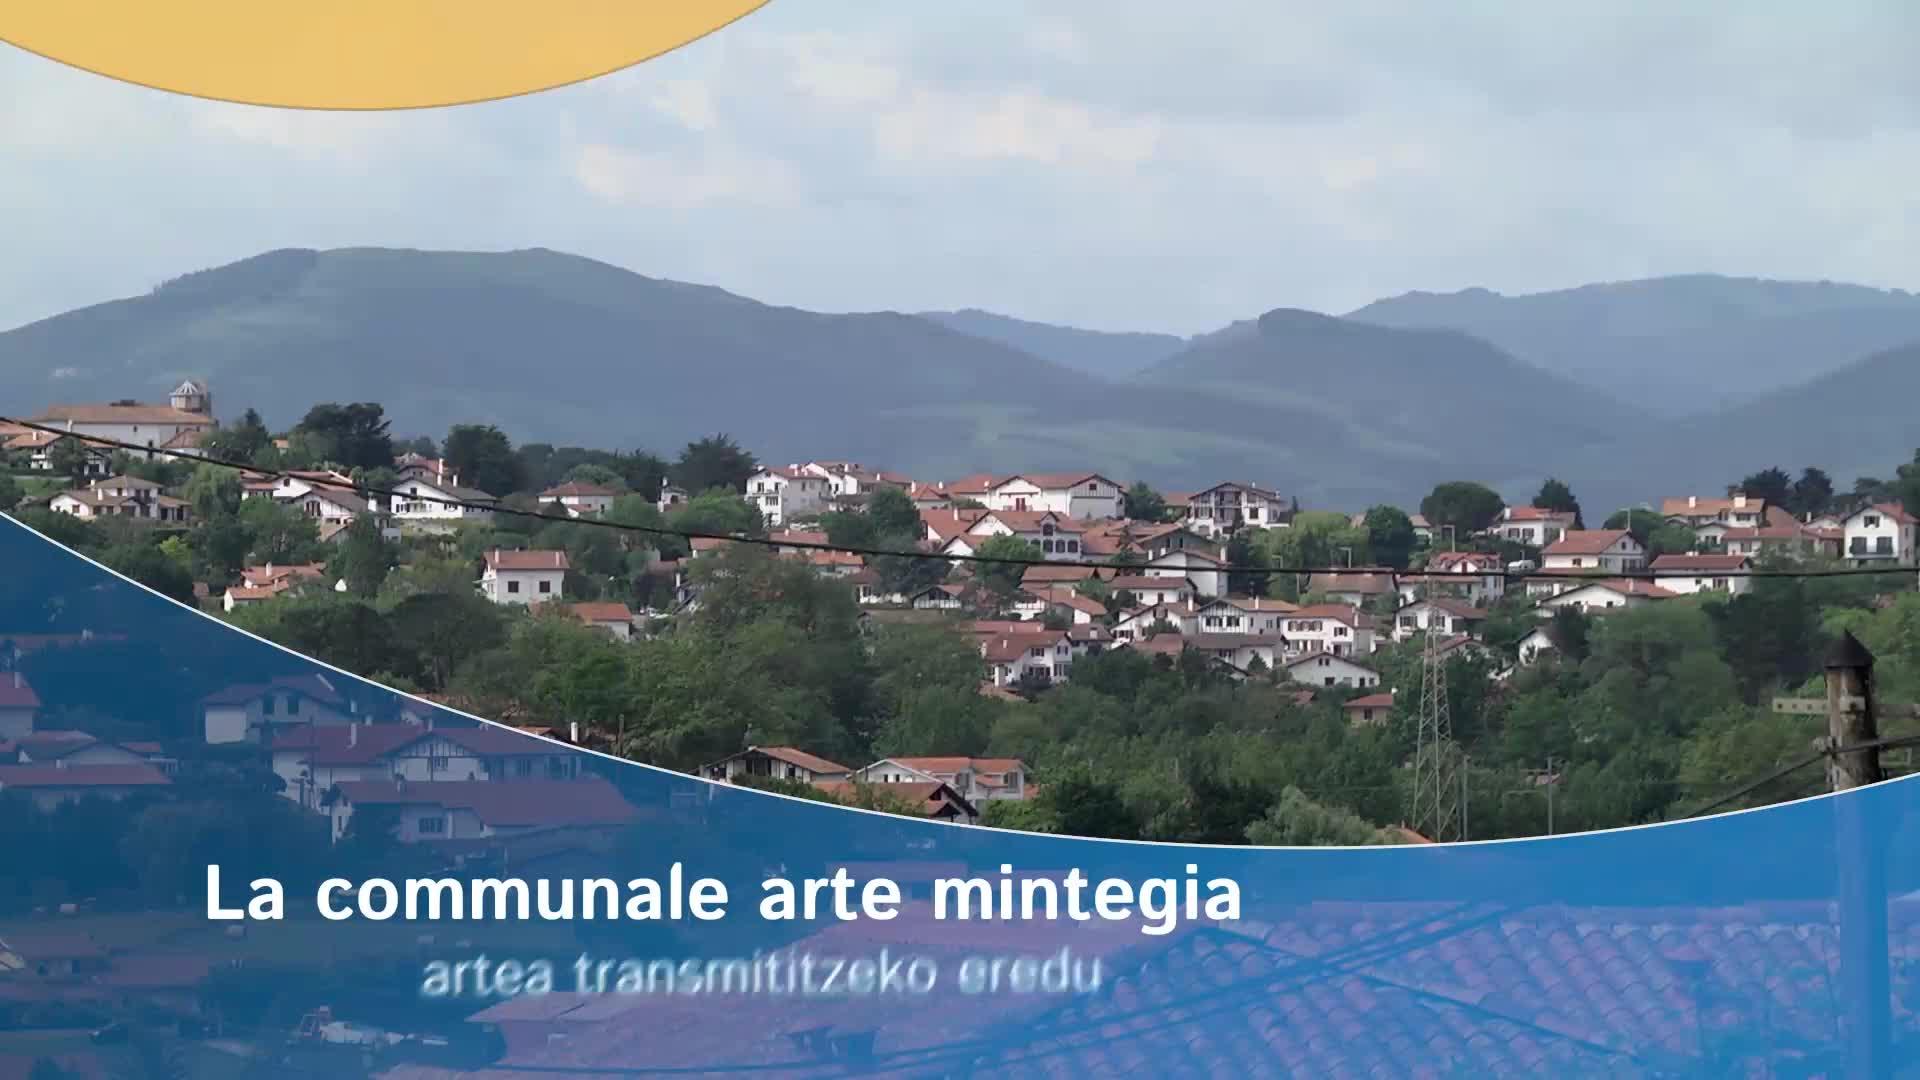 La communale arte mintegia artea transmititzeko eredu